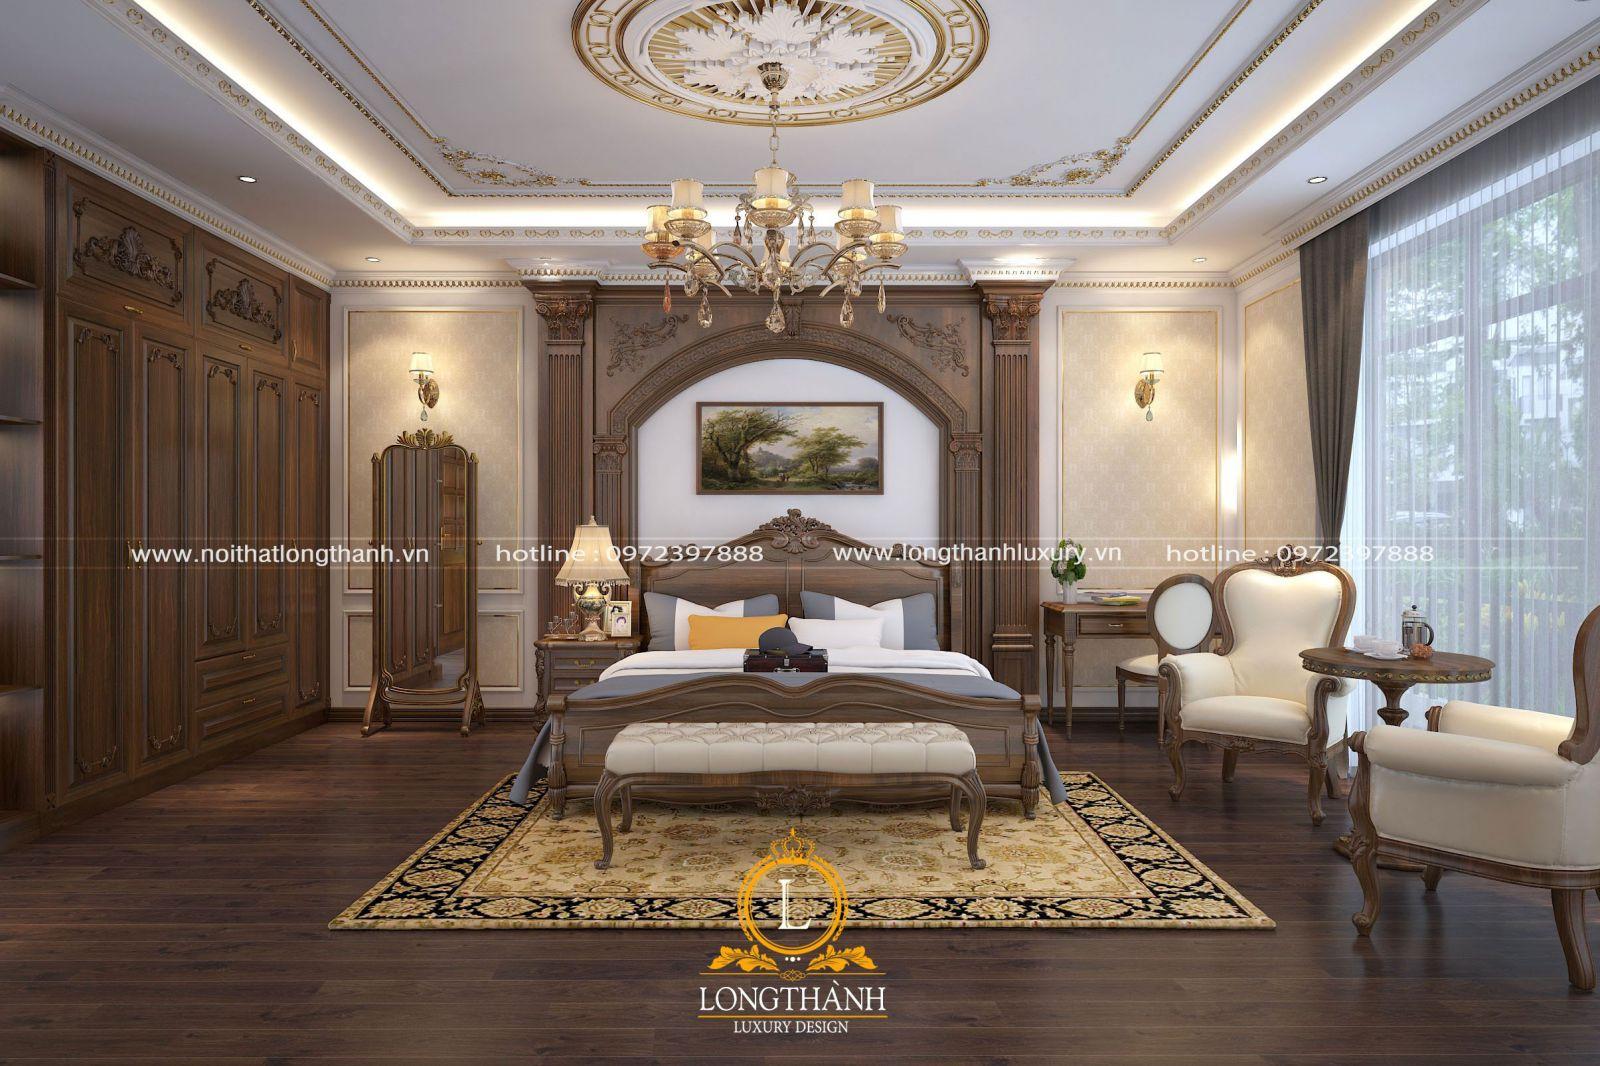 Phòng ngủ gỗ tự nhiên chất lượng đẳng cấp